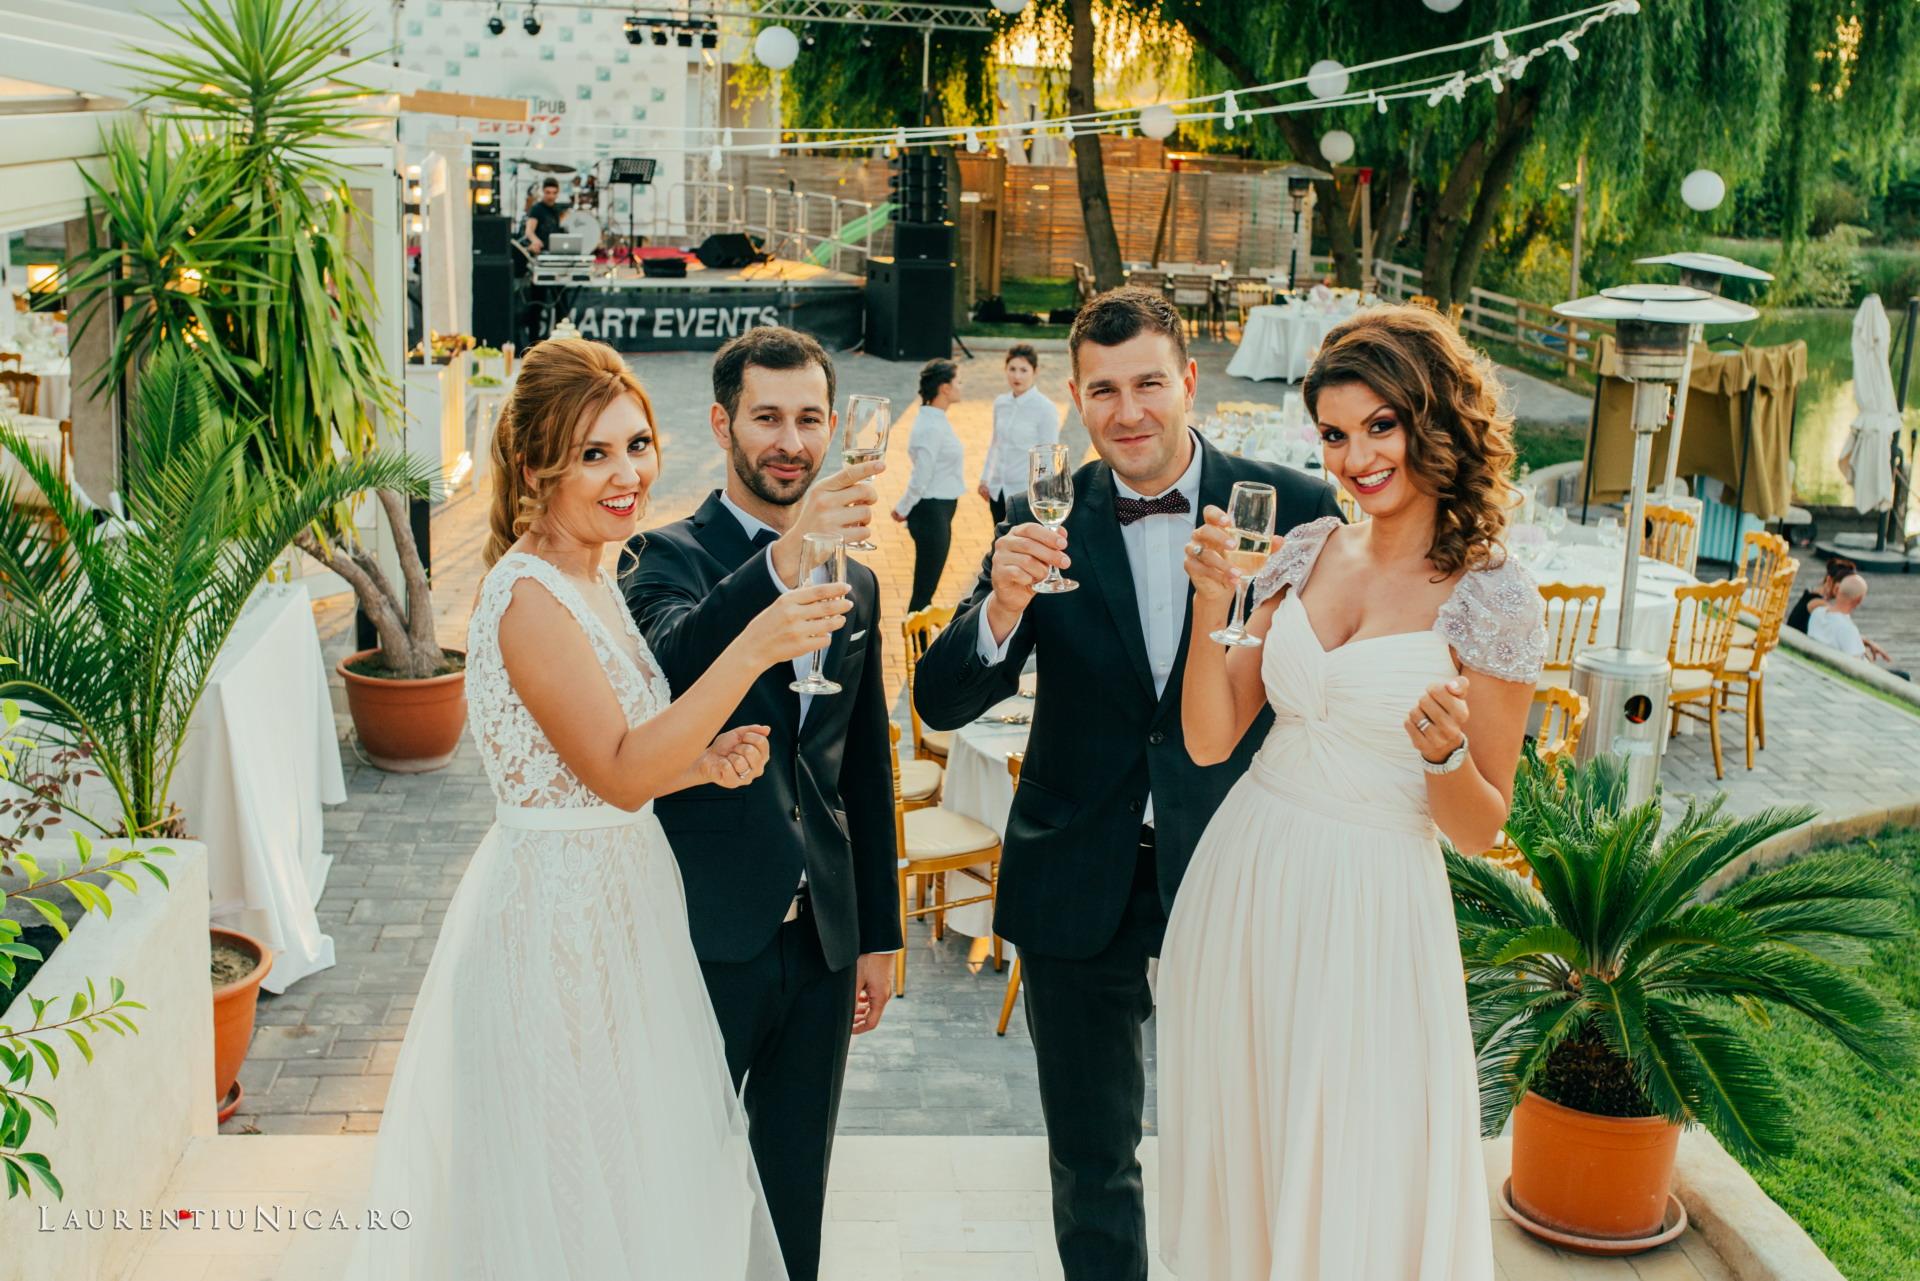 carolina si sorin craiova fotograf nunta laurentiu nica54 - Carolina & Sorin | Fotografii nunta